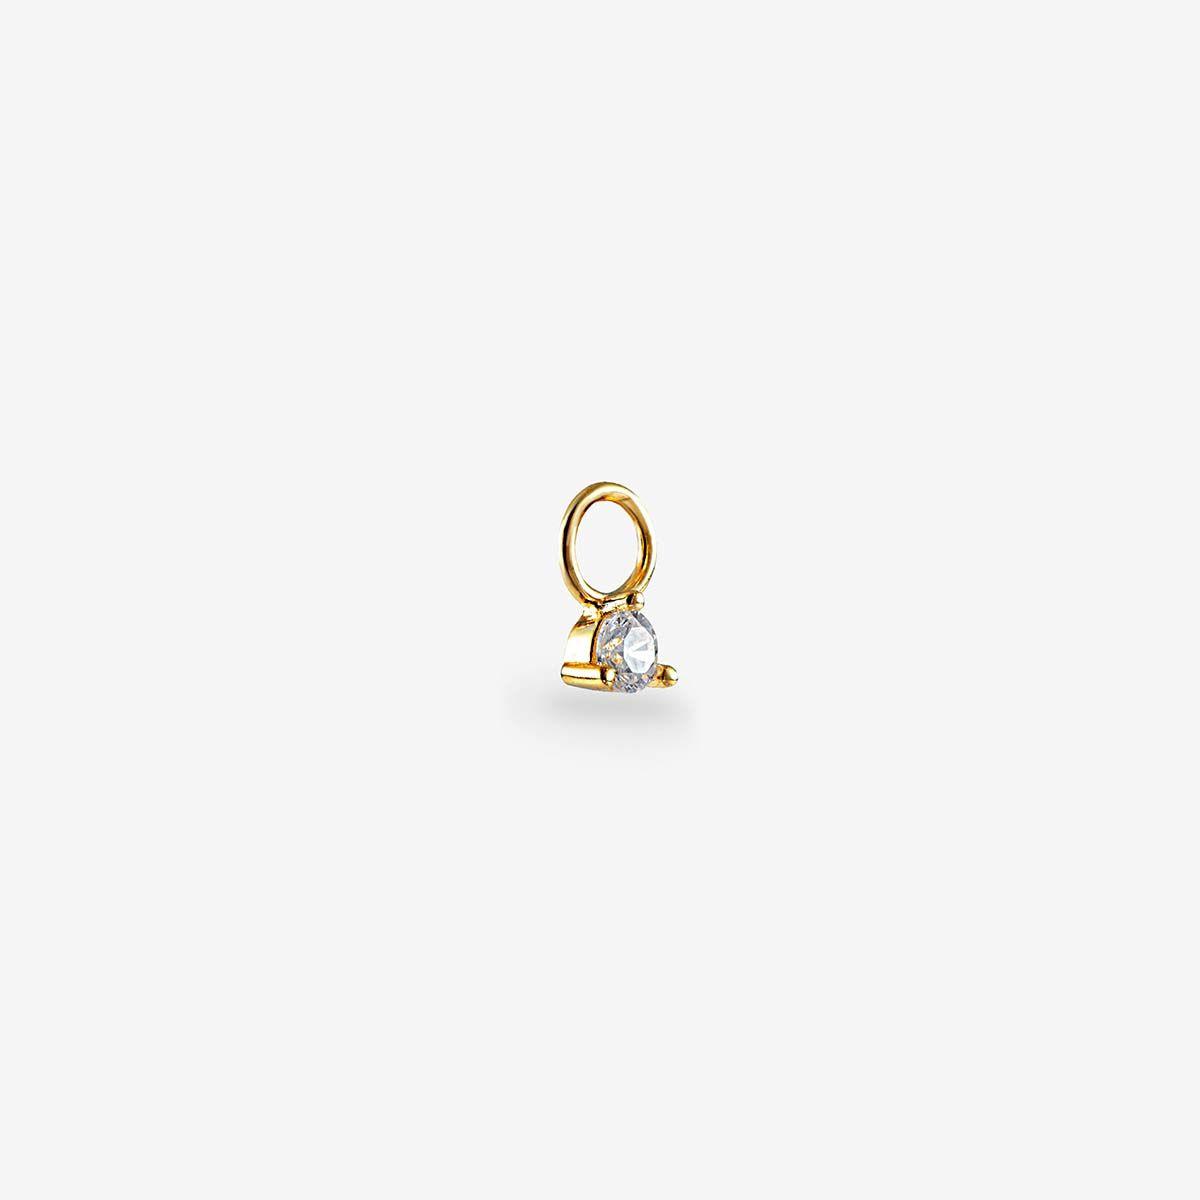 Crystal Anhänger Gld - Ohrring Anhänger - Gold